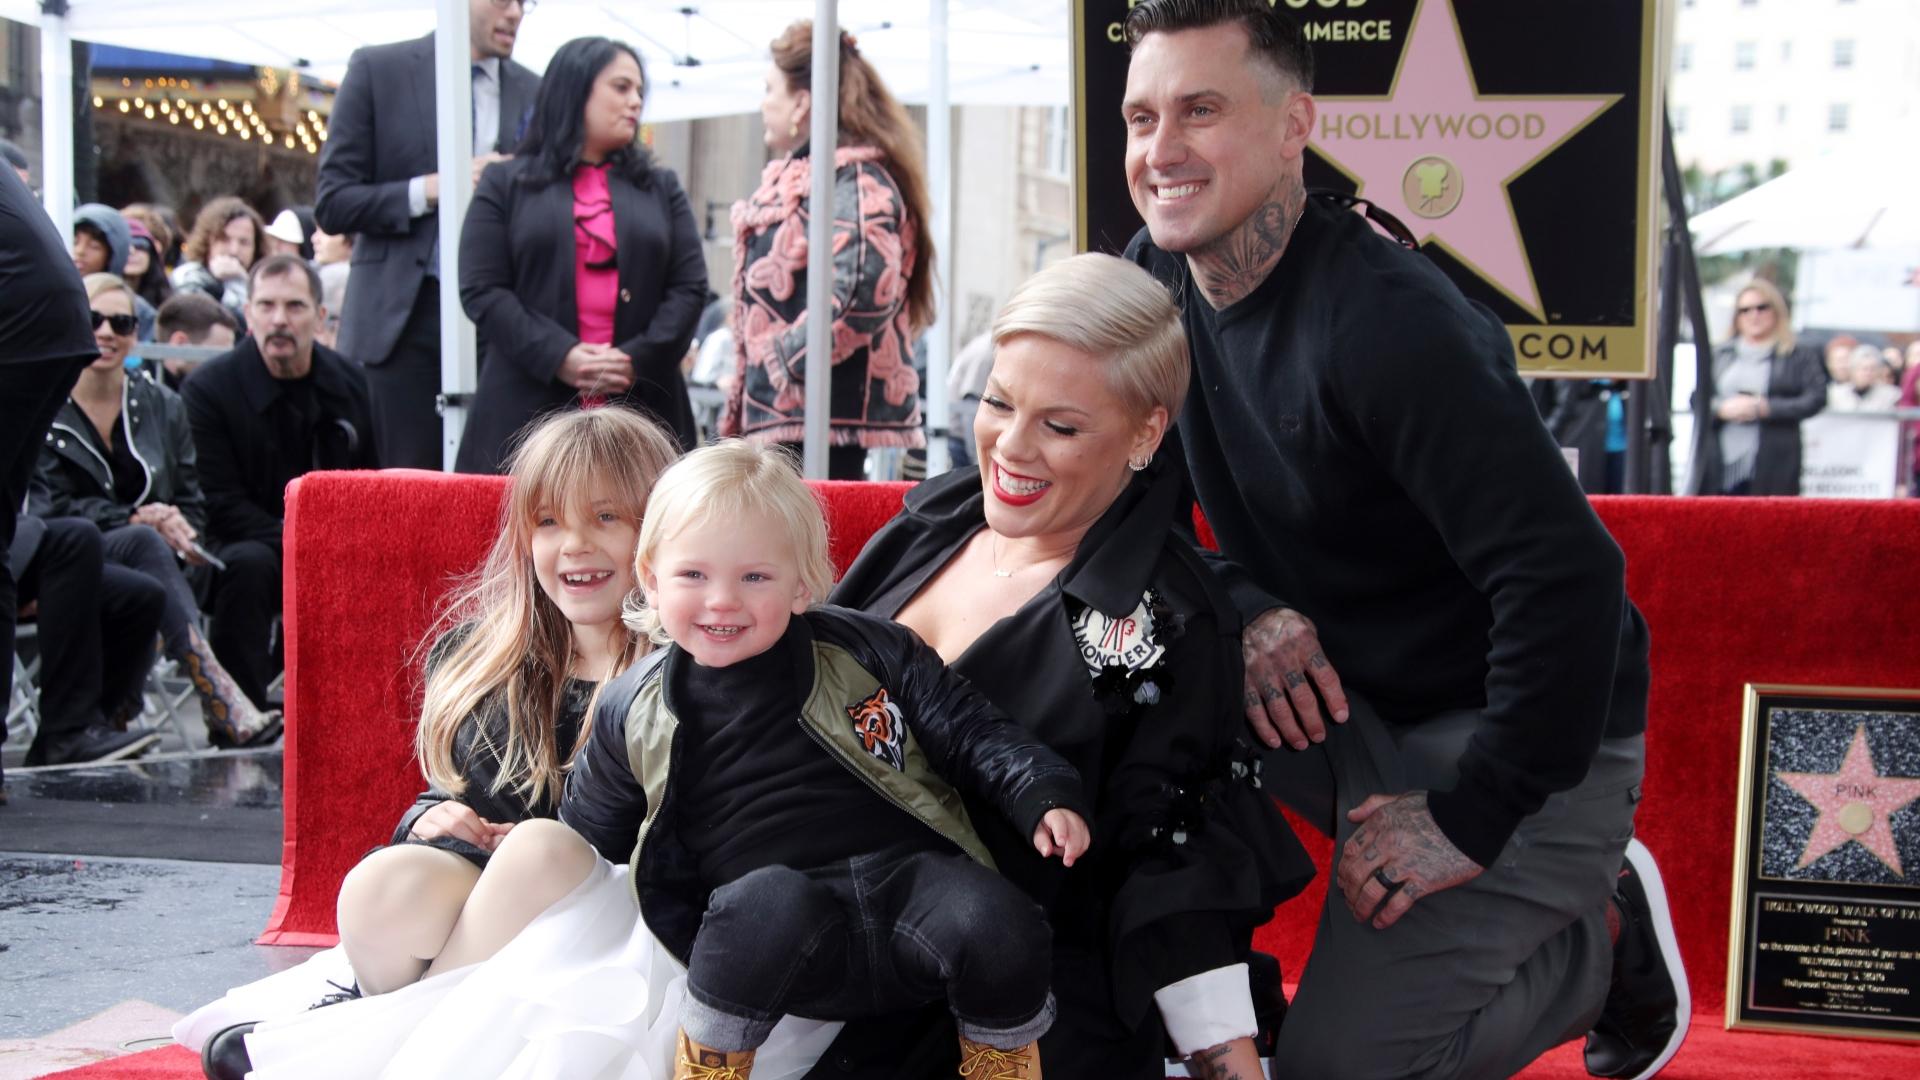 Pink's Man Carey Hart, öppnar upp om fru och son kamp med Coronavirus